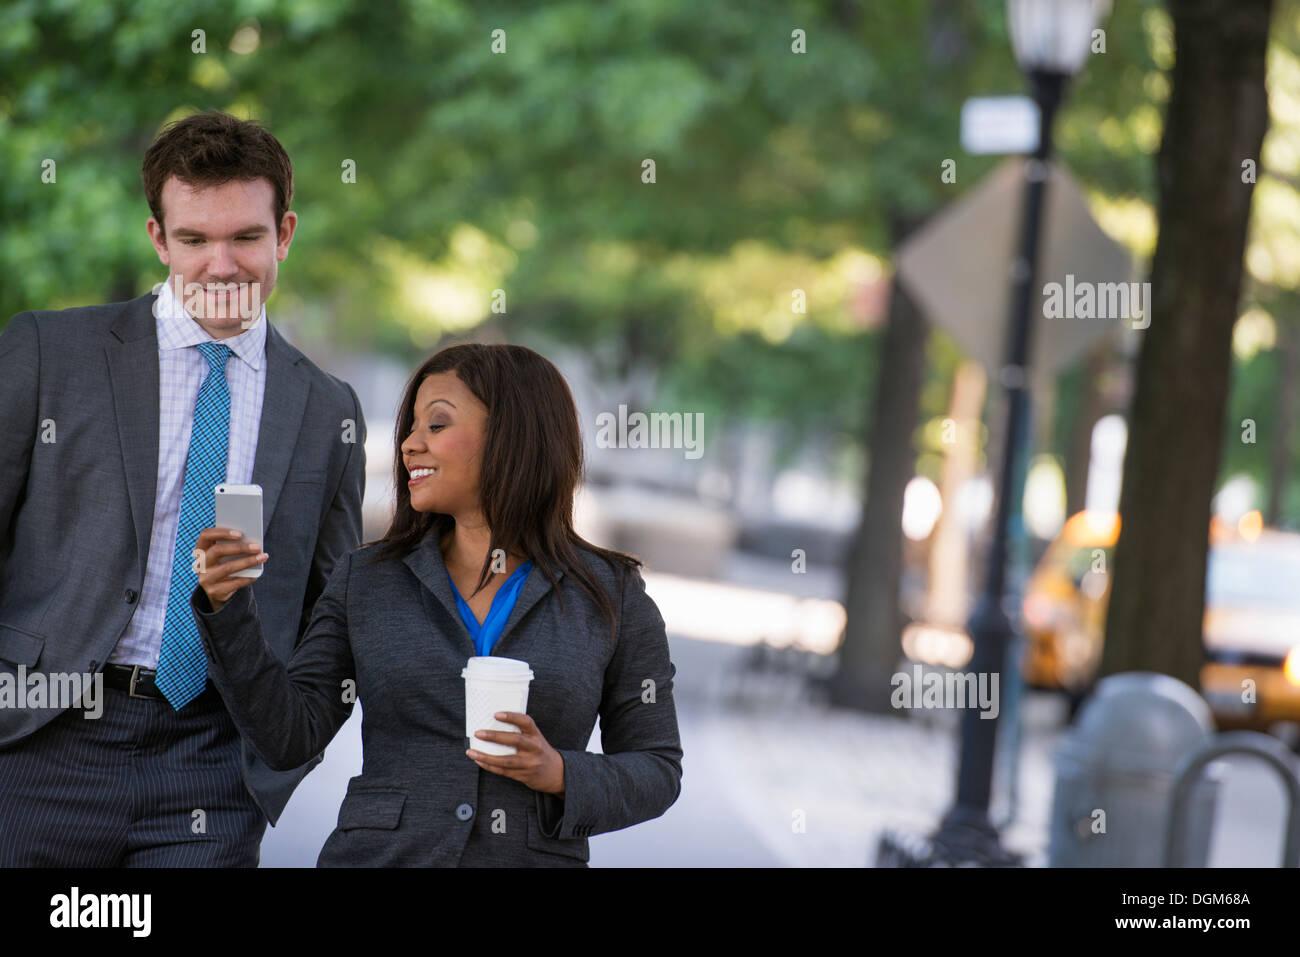 Sommer. Ein junger Mann in einem grauen Anzug und Krawatte blau mit einer Frau in einem Anzug. Weißer Mann, schwarze afrikanische amerikanische Frau Stockbild